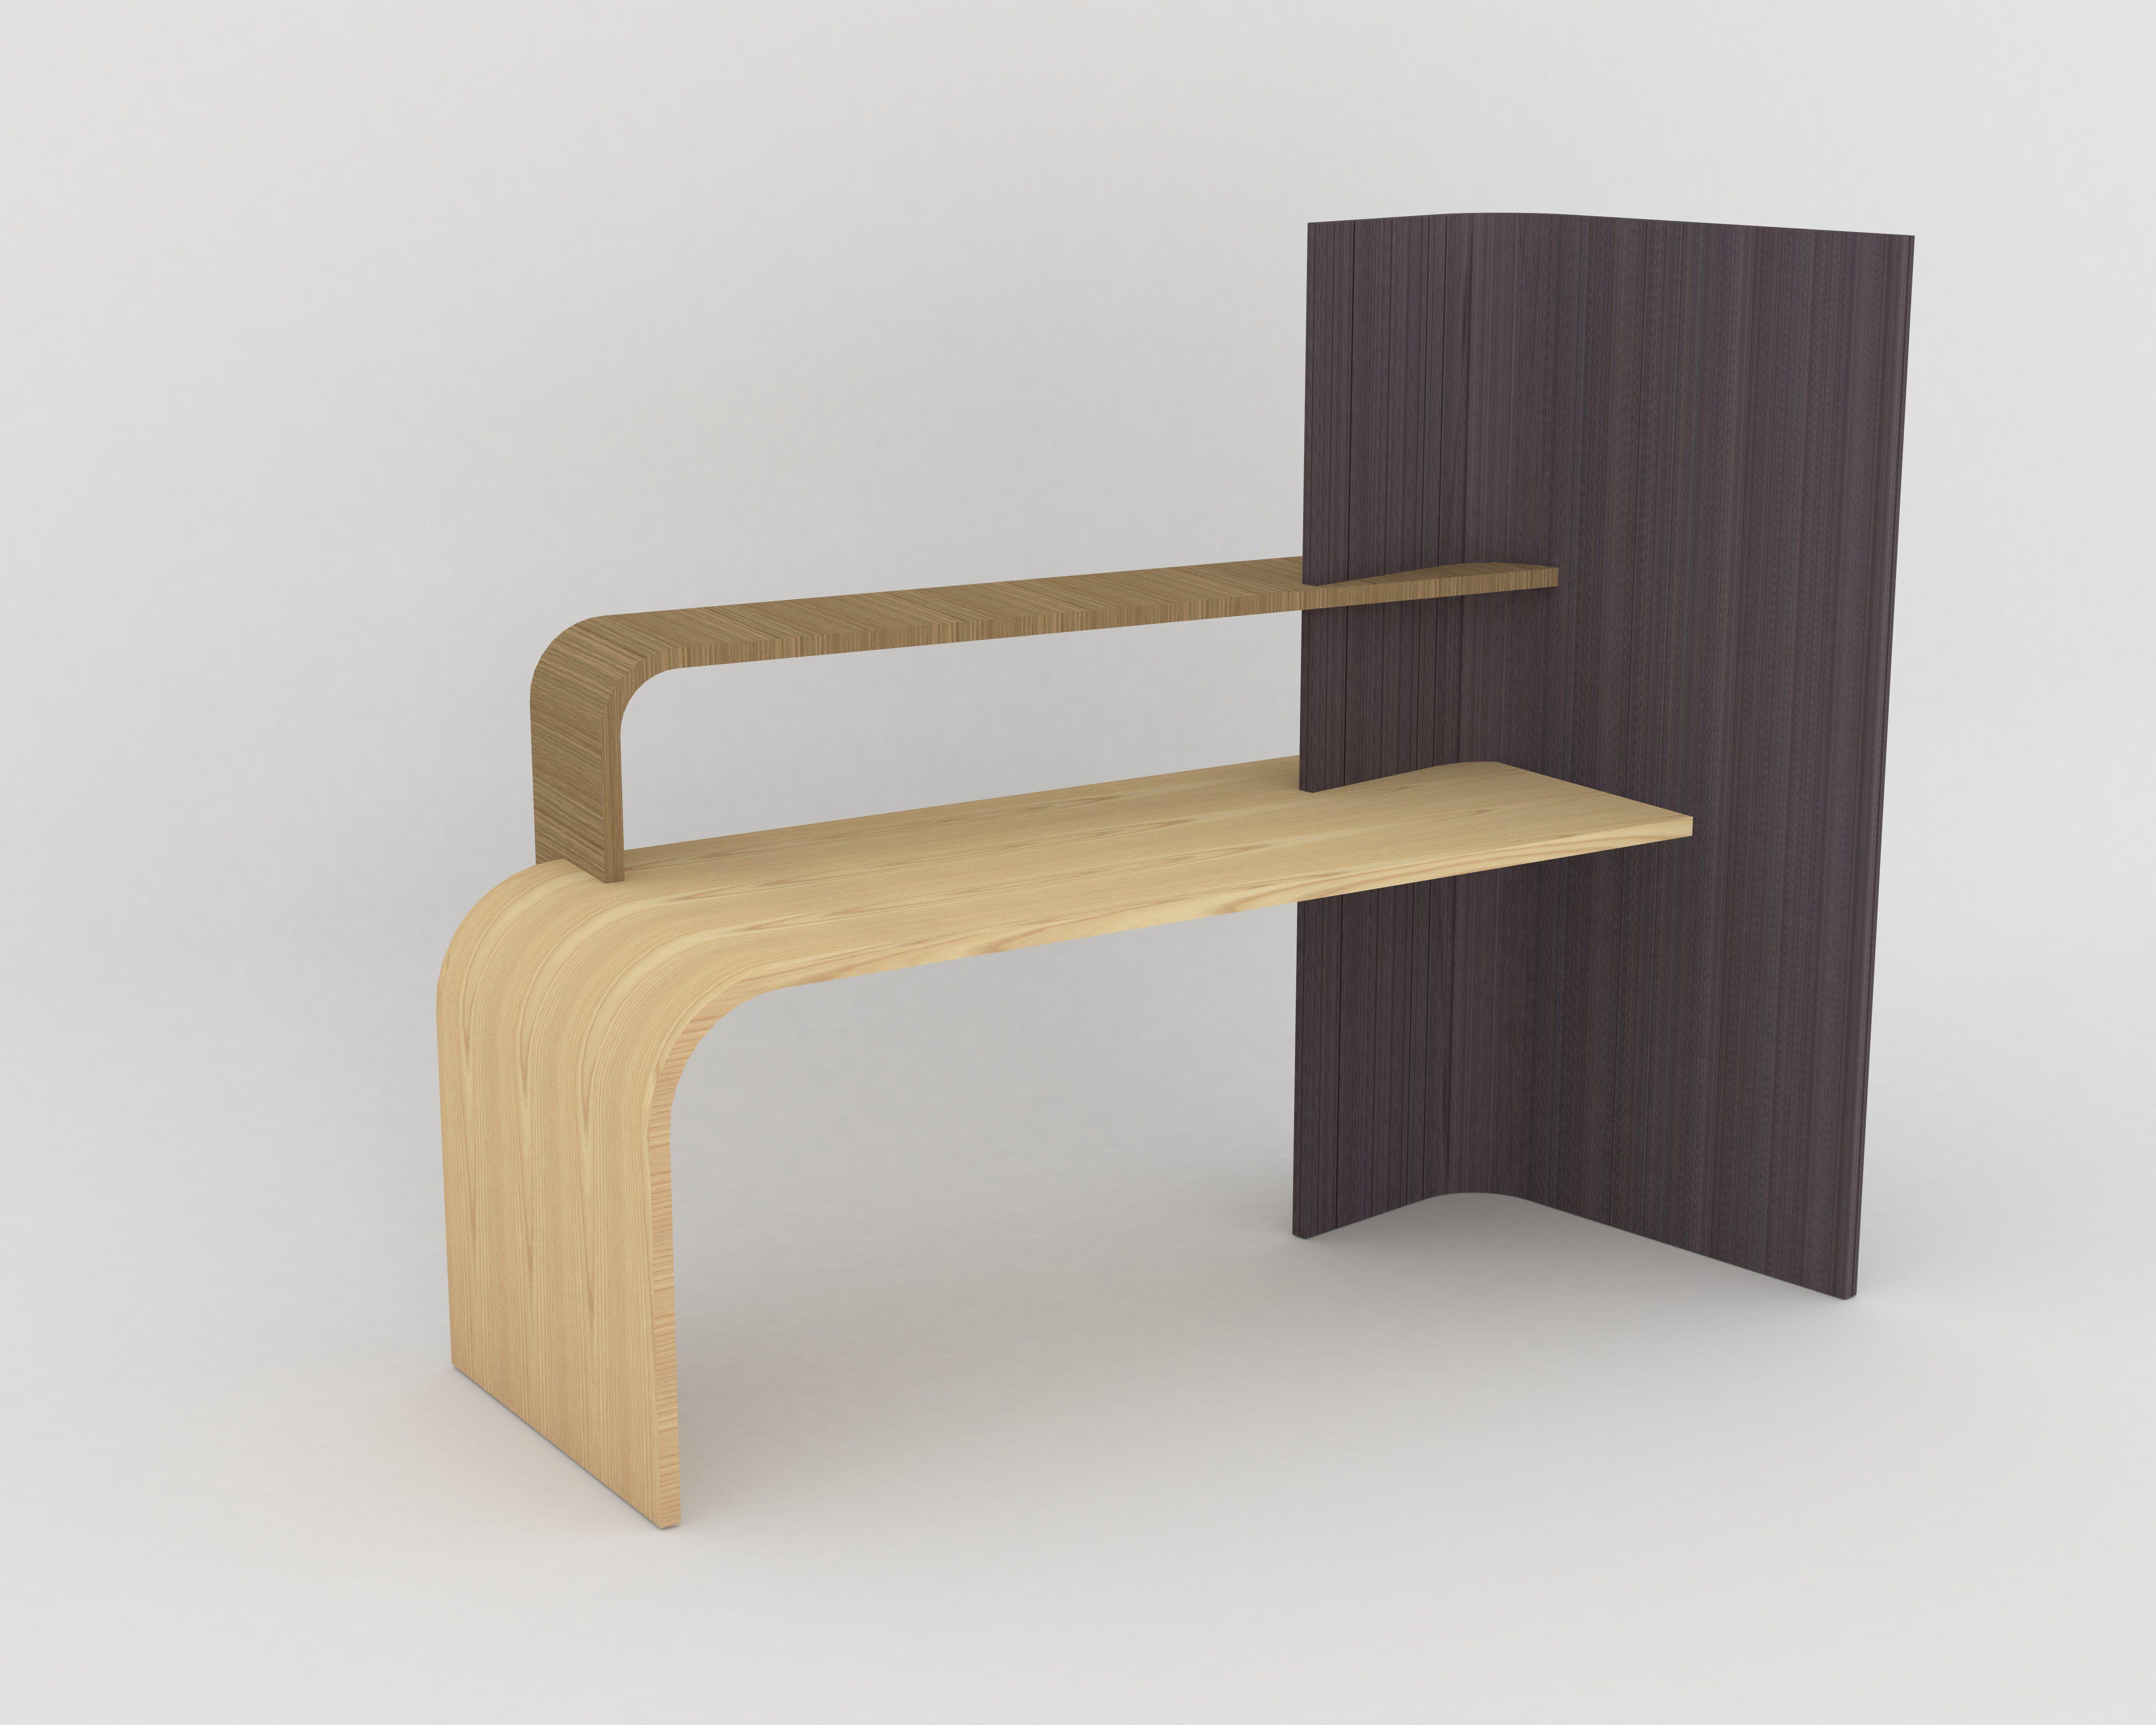 Bureau marsupio par lébénisterie arca © dr #bois #wood #woodworking